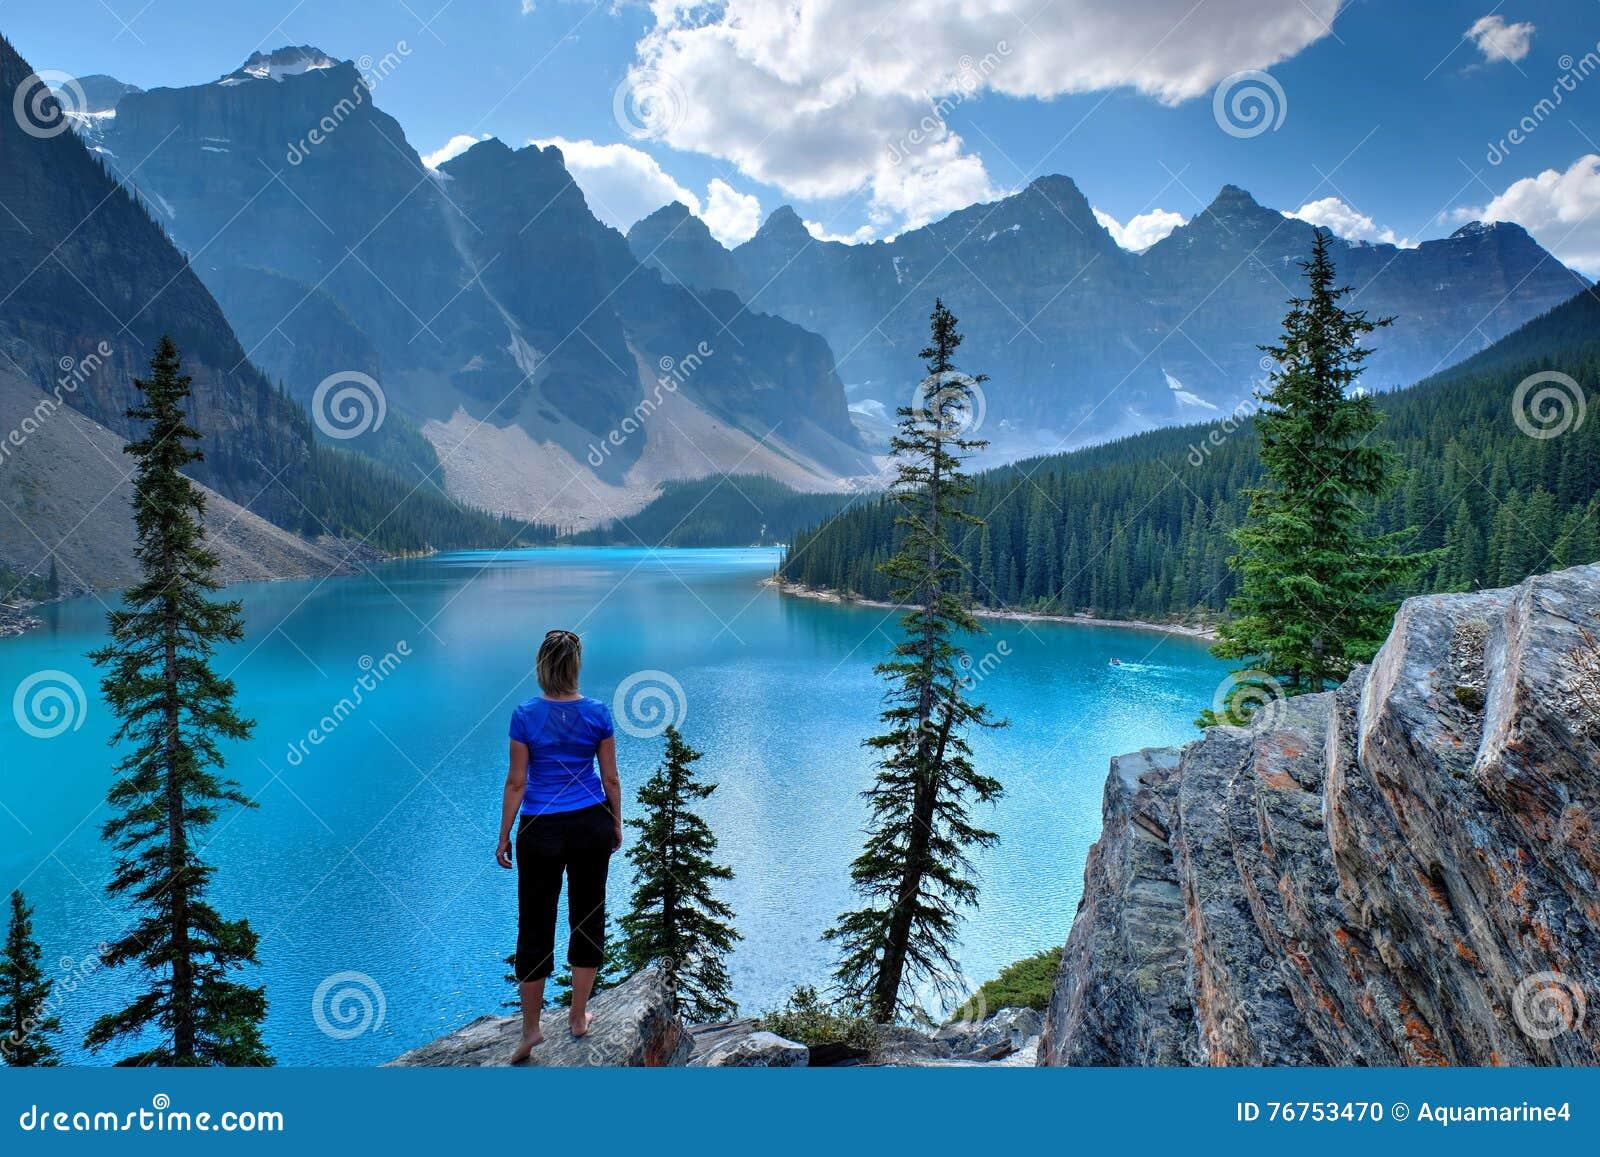 Γυναίκα στον απότομο βράχο στη φυσικά λίμνη και τα βουνά